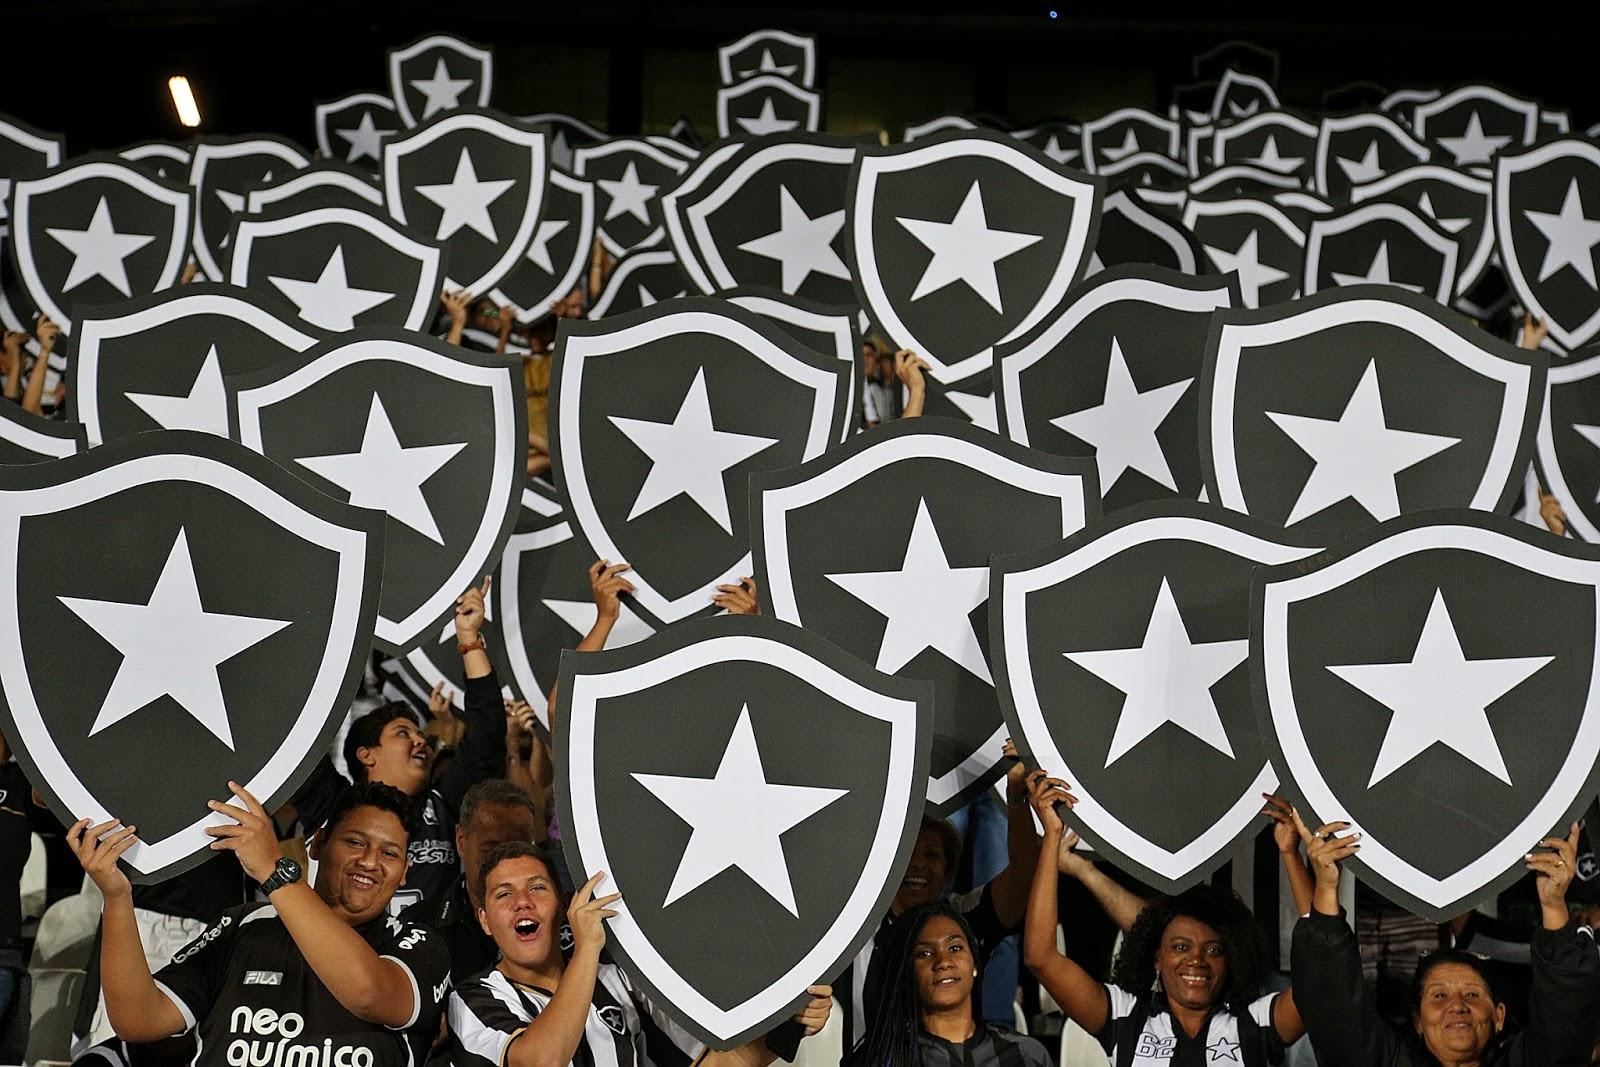 c84e8240f450f O Botafogo já fez quatro jogos na Libertadores e os números da torcida têm  sido ótimos